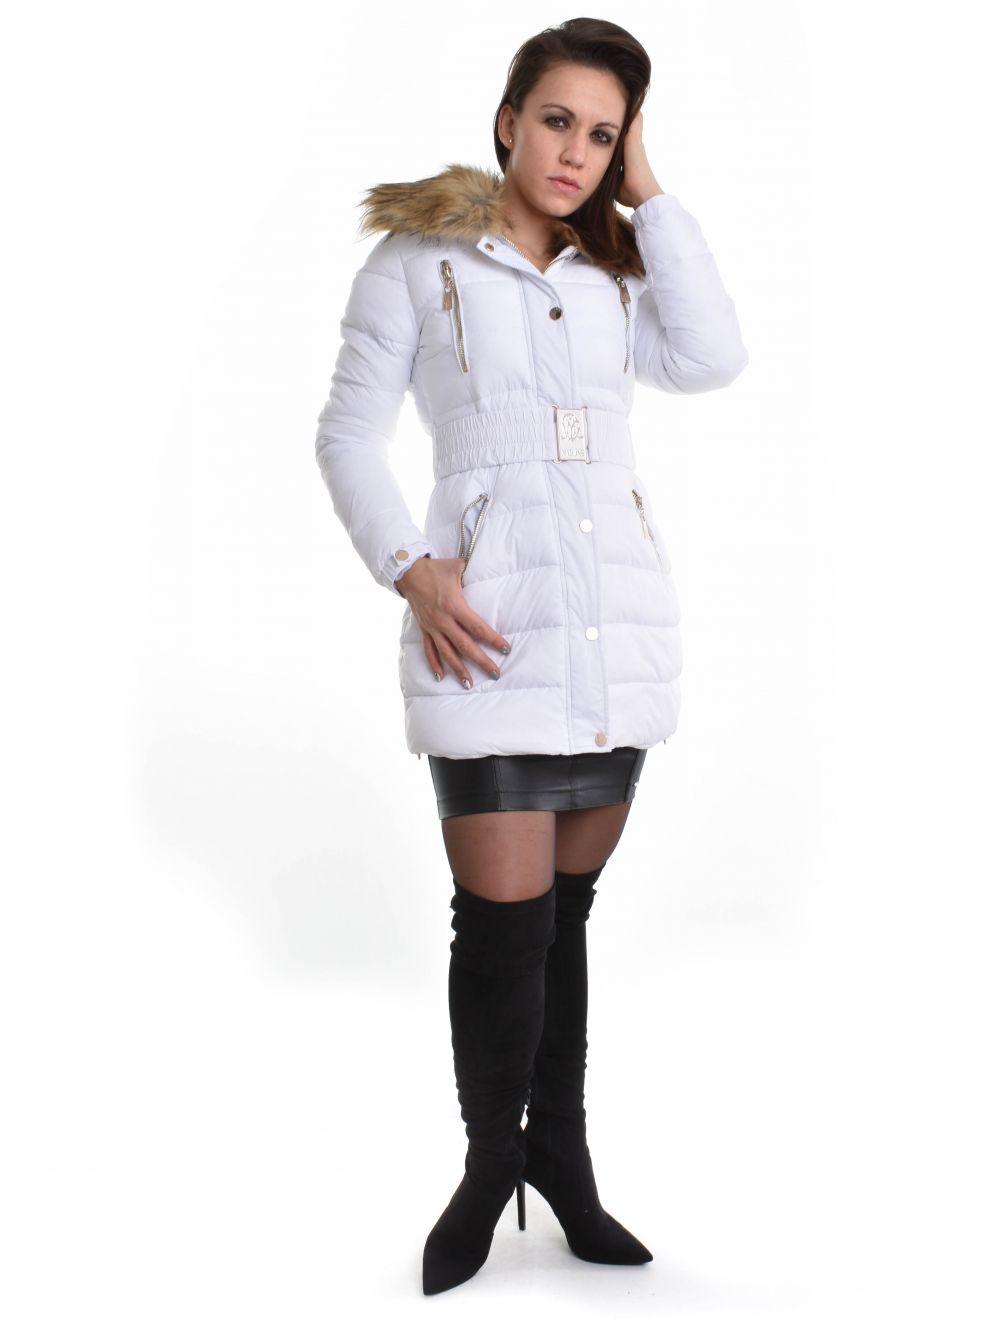 Mayo Chix női kabát Cardona | Markasbolt.hu Hivatalos Mayo